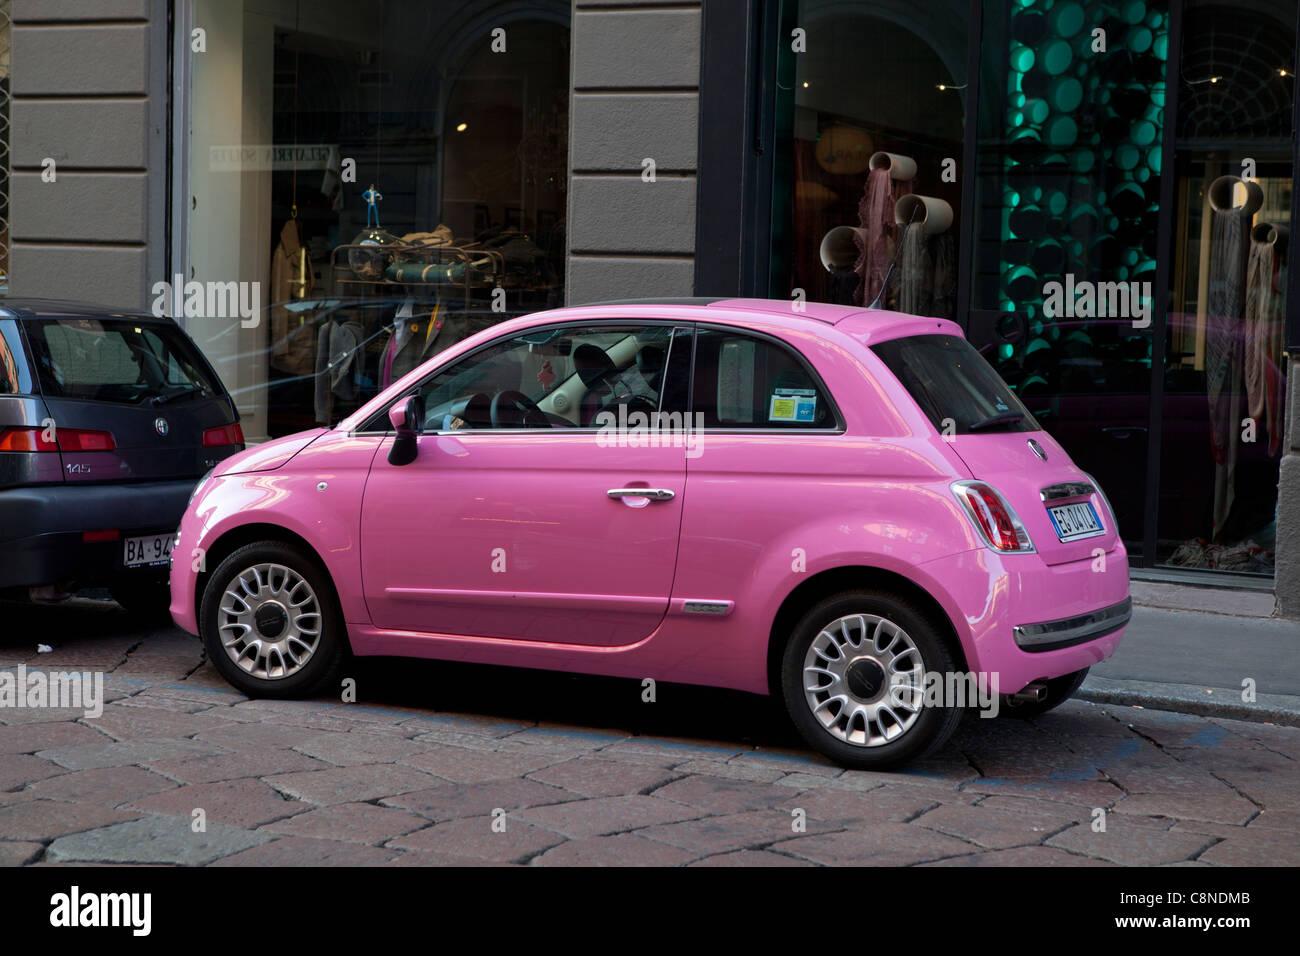 Fiat 500 Pink Car Stock Photos Fiat 500 Pink Car Stock Images Alamy